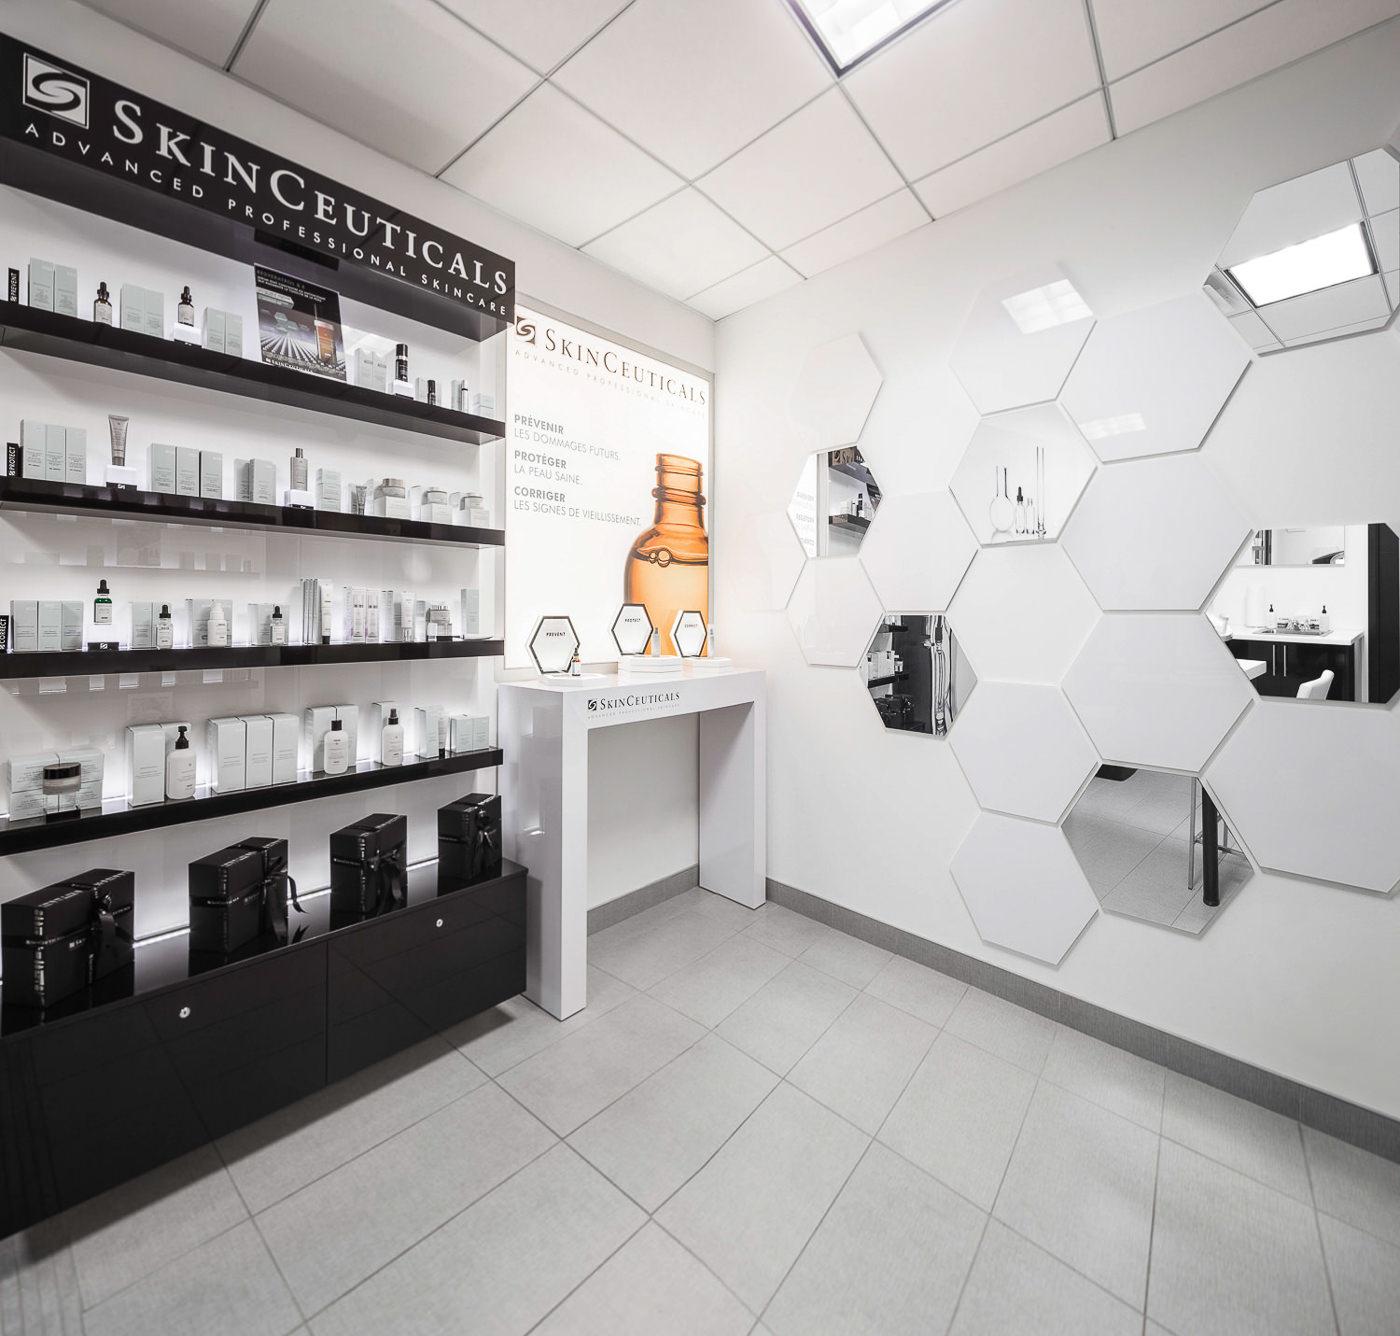 Bureaux de Skinceuticals pour un projet design de Rumker